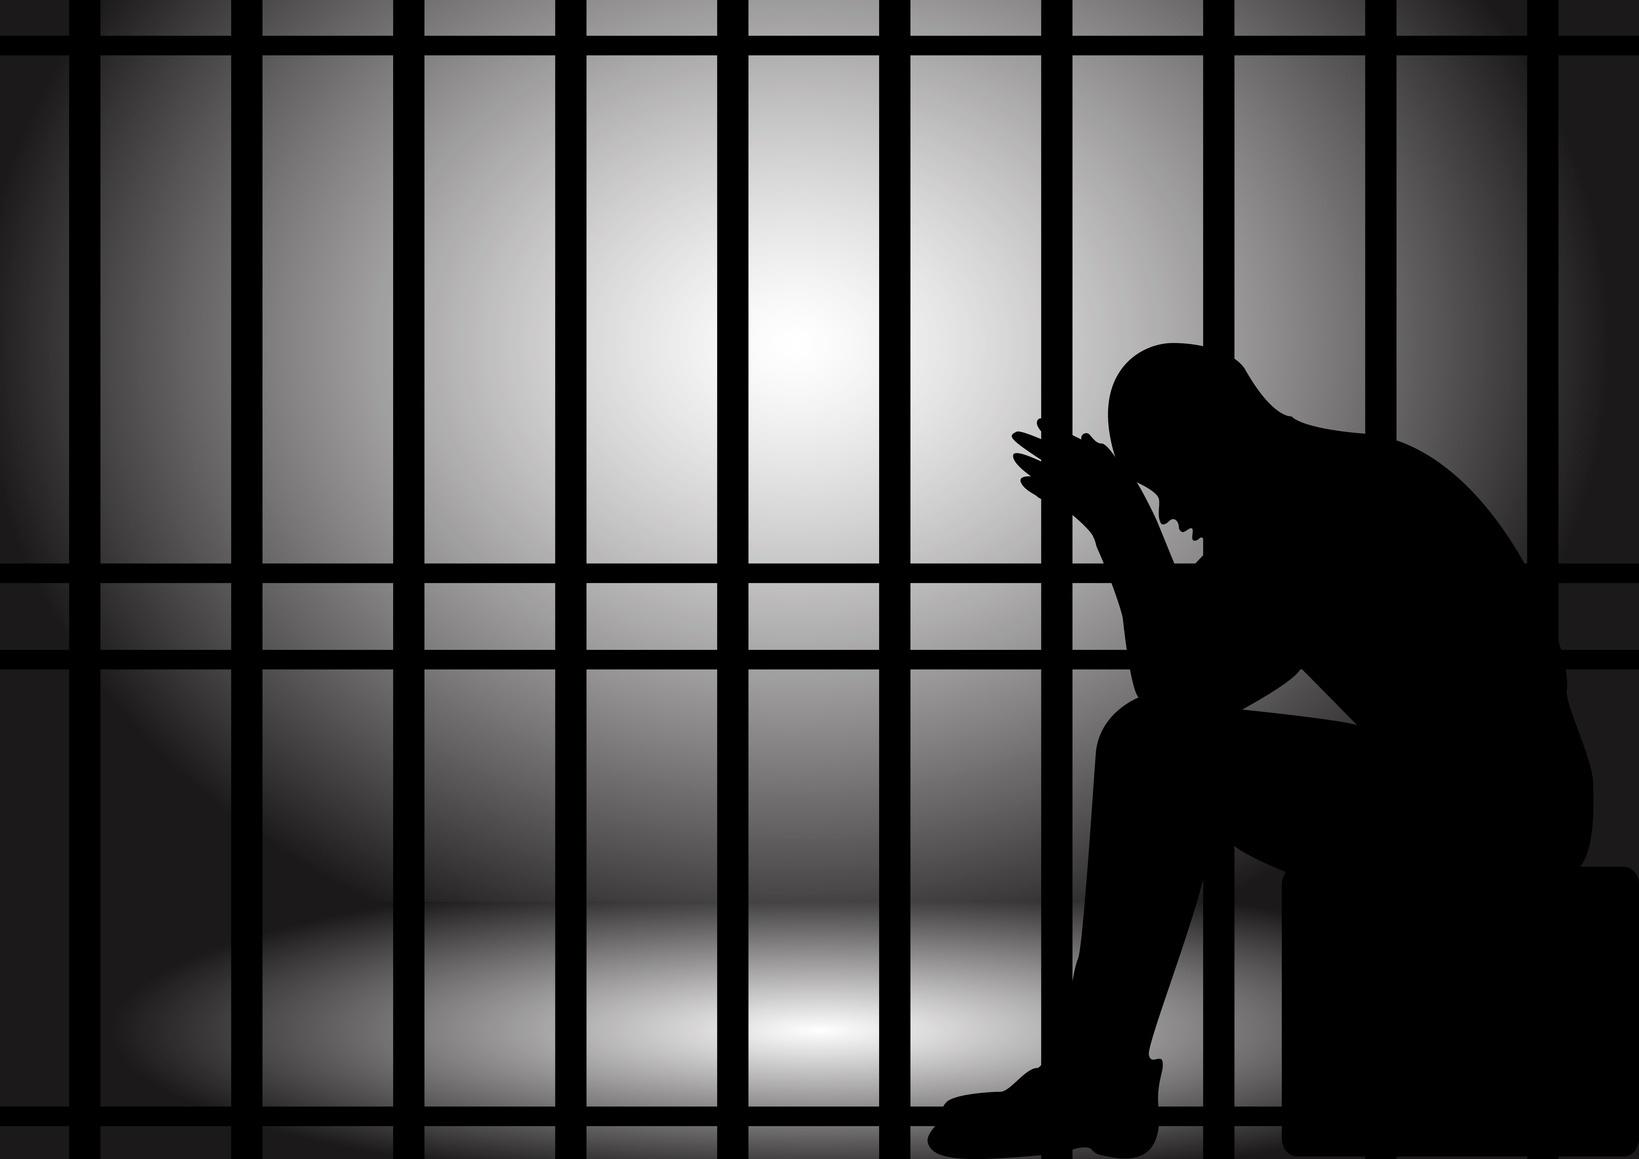 मोहाली गैंगवार : पकड़ा गया आरोपी भेजा जेल